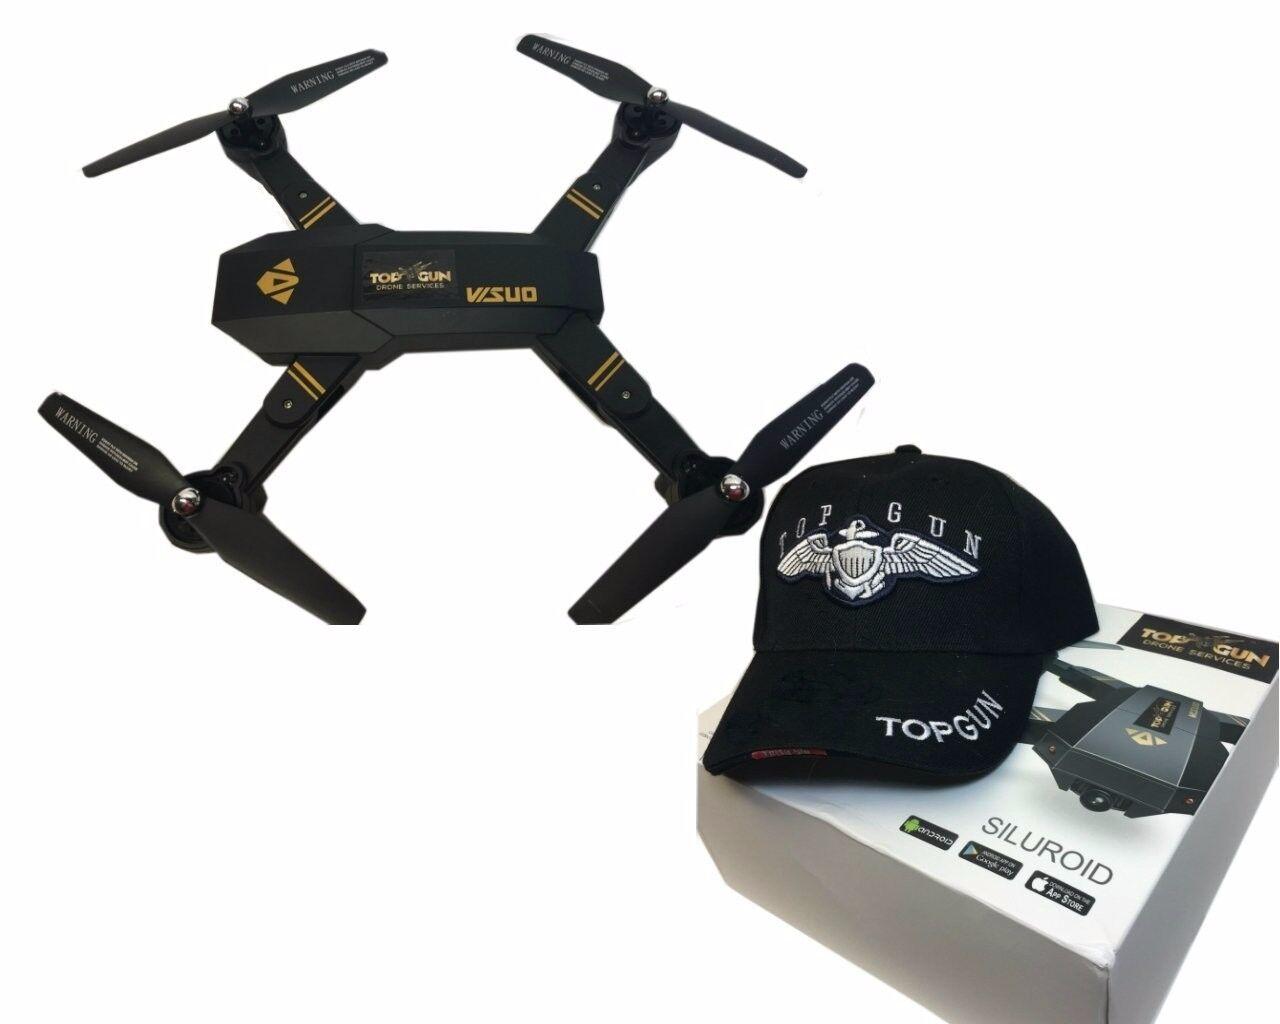 Top  Gun Quadcopter RC Drone with HD teletelecamera Wide Angle e Foldable Aerofoils...  negozio di moda in vendita